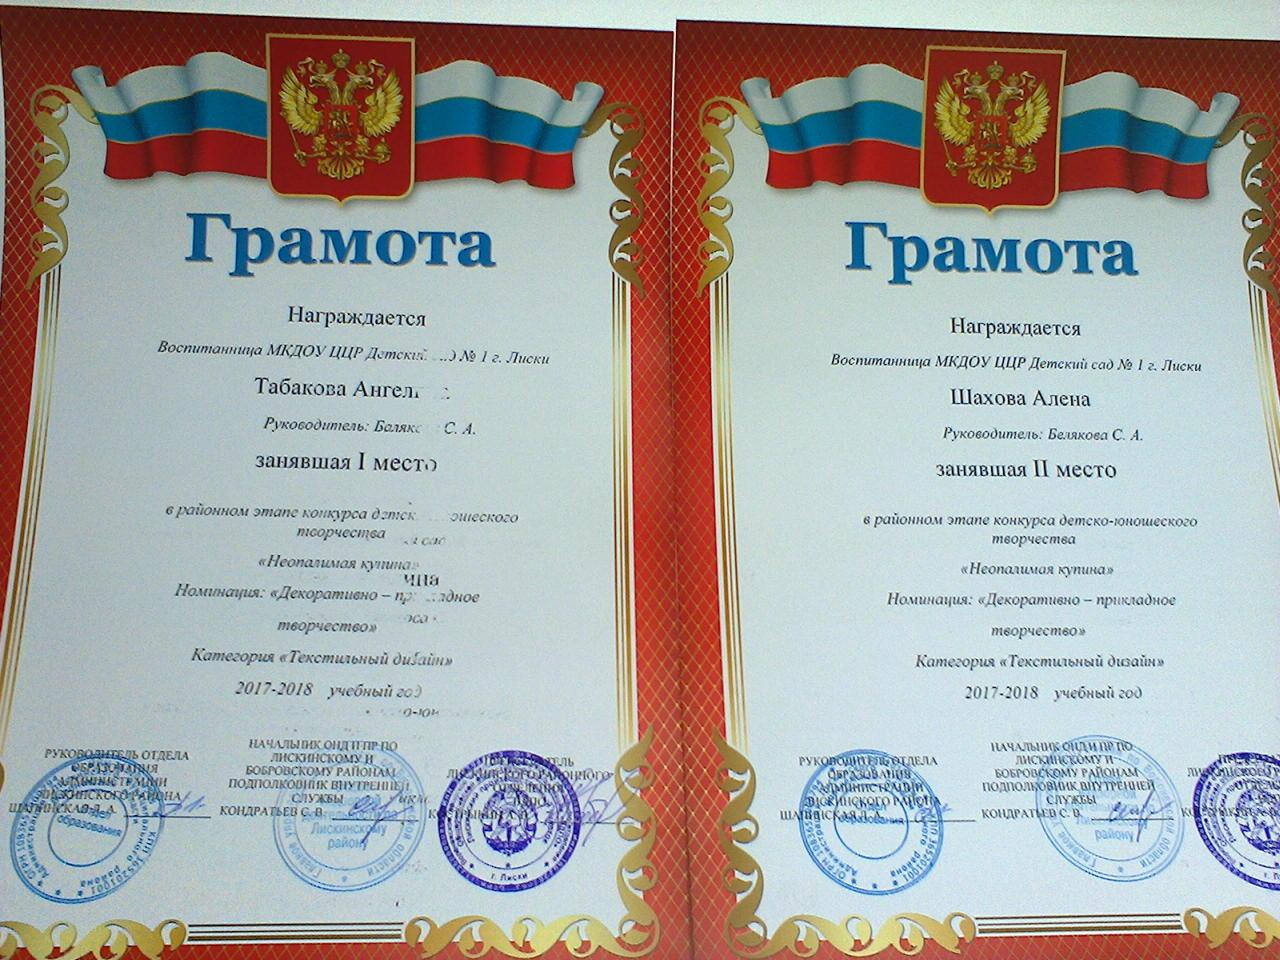 Были вручены дипломы и памятные подарки